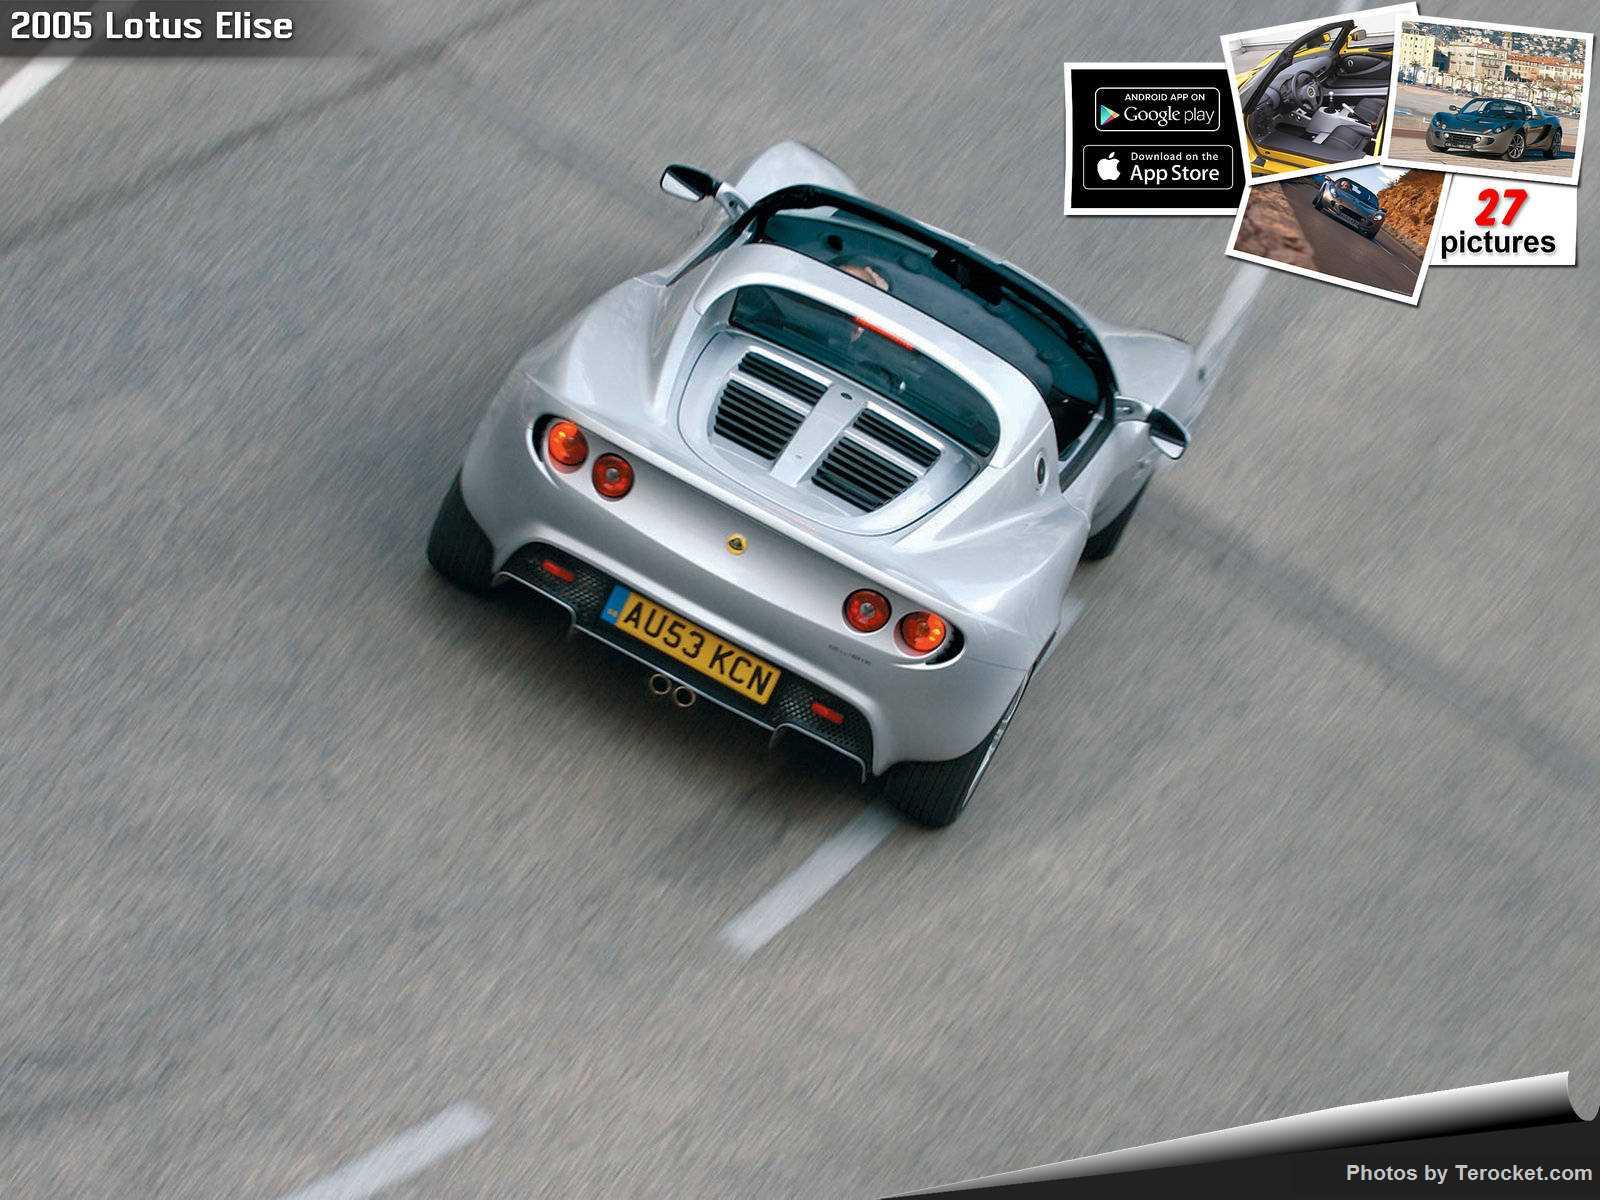 Hình ảnh siêu xe Lotus Elise 2005 & nội ngoại thất